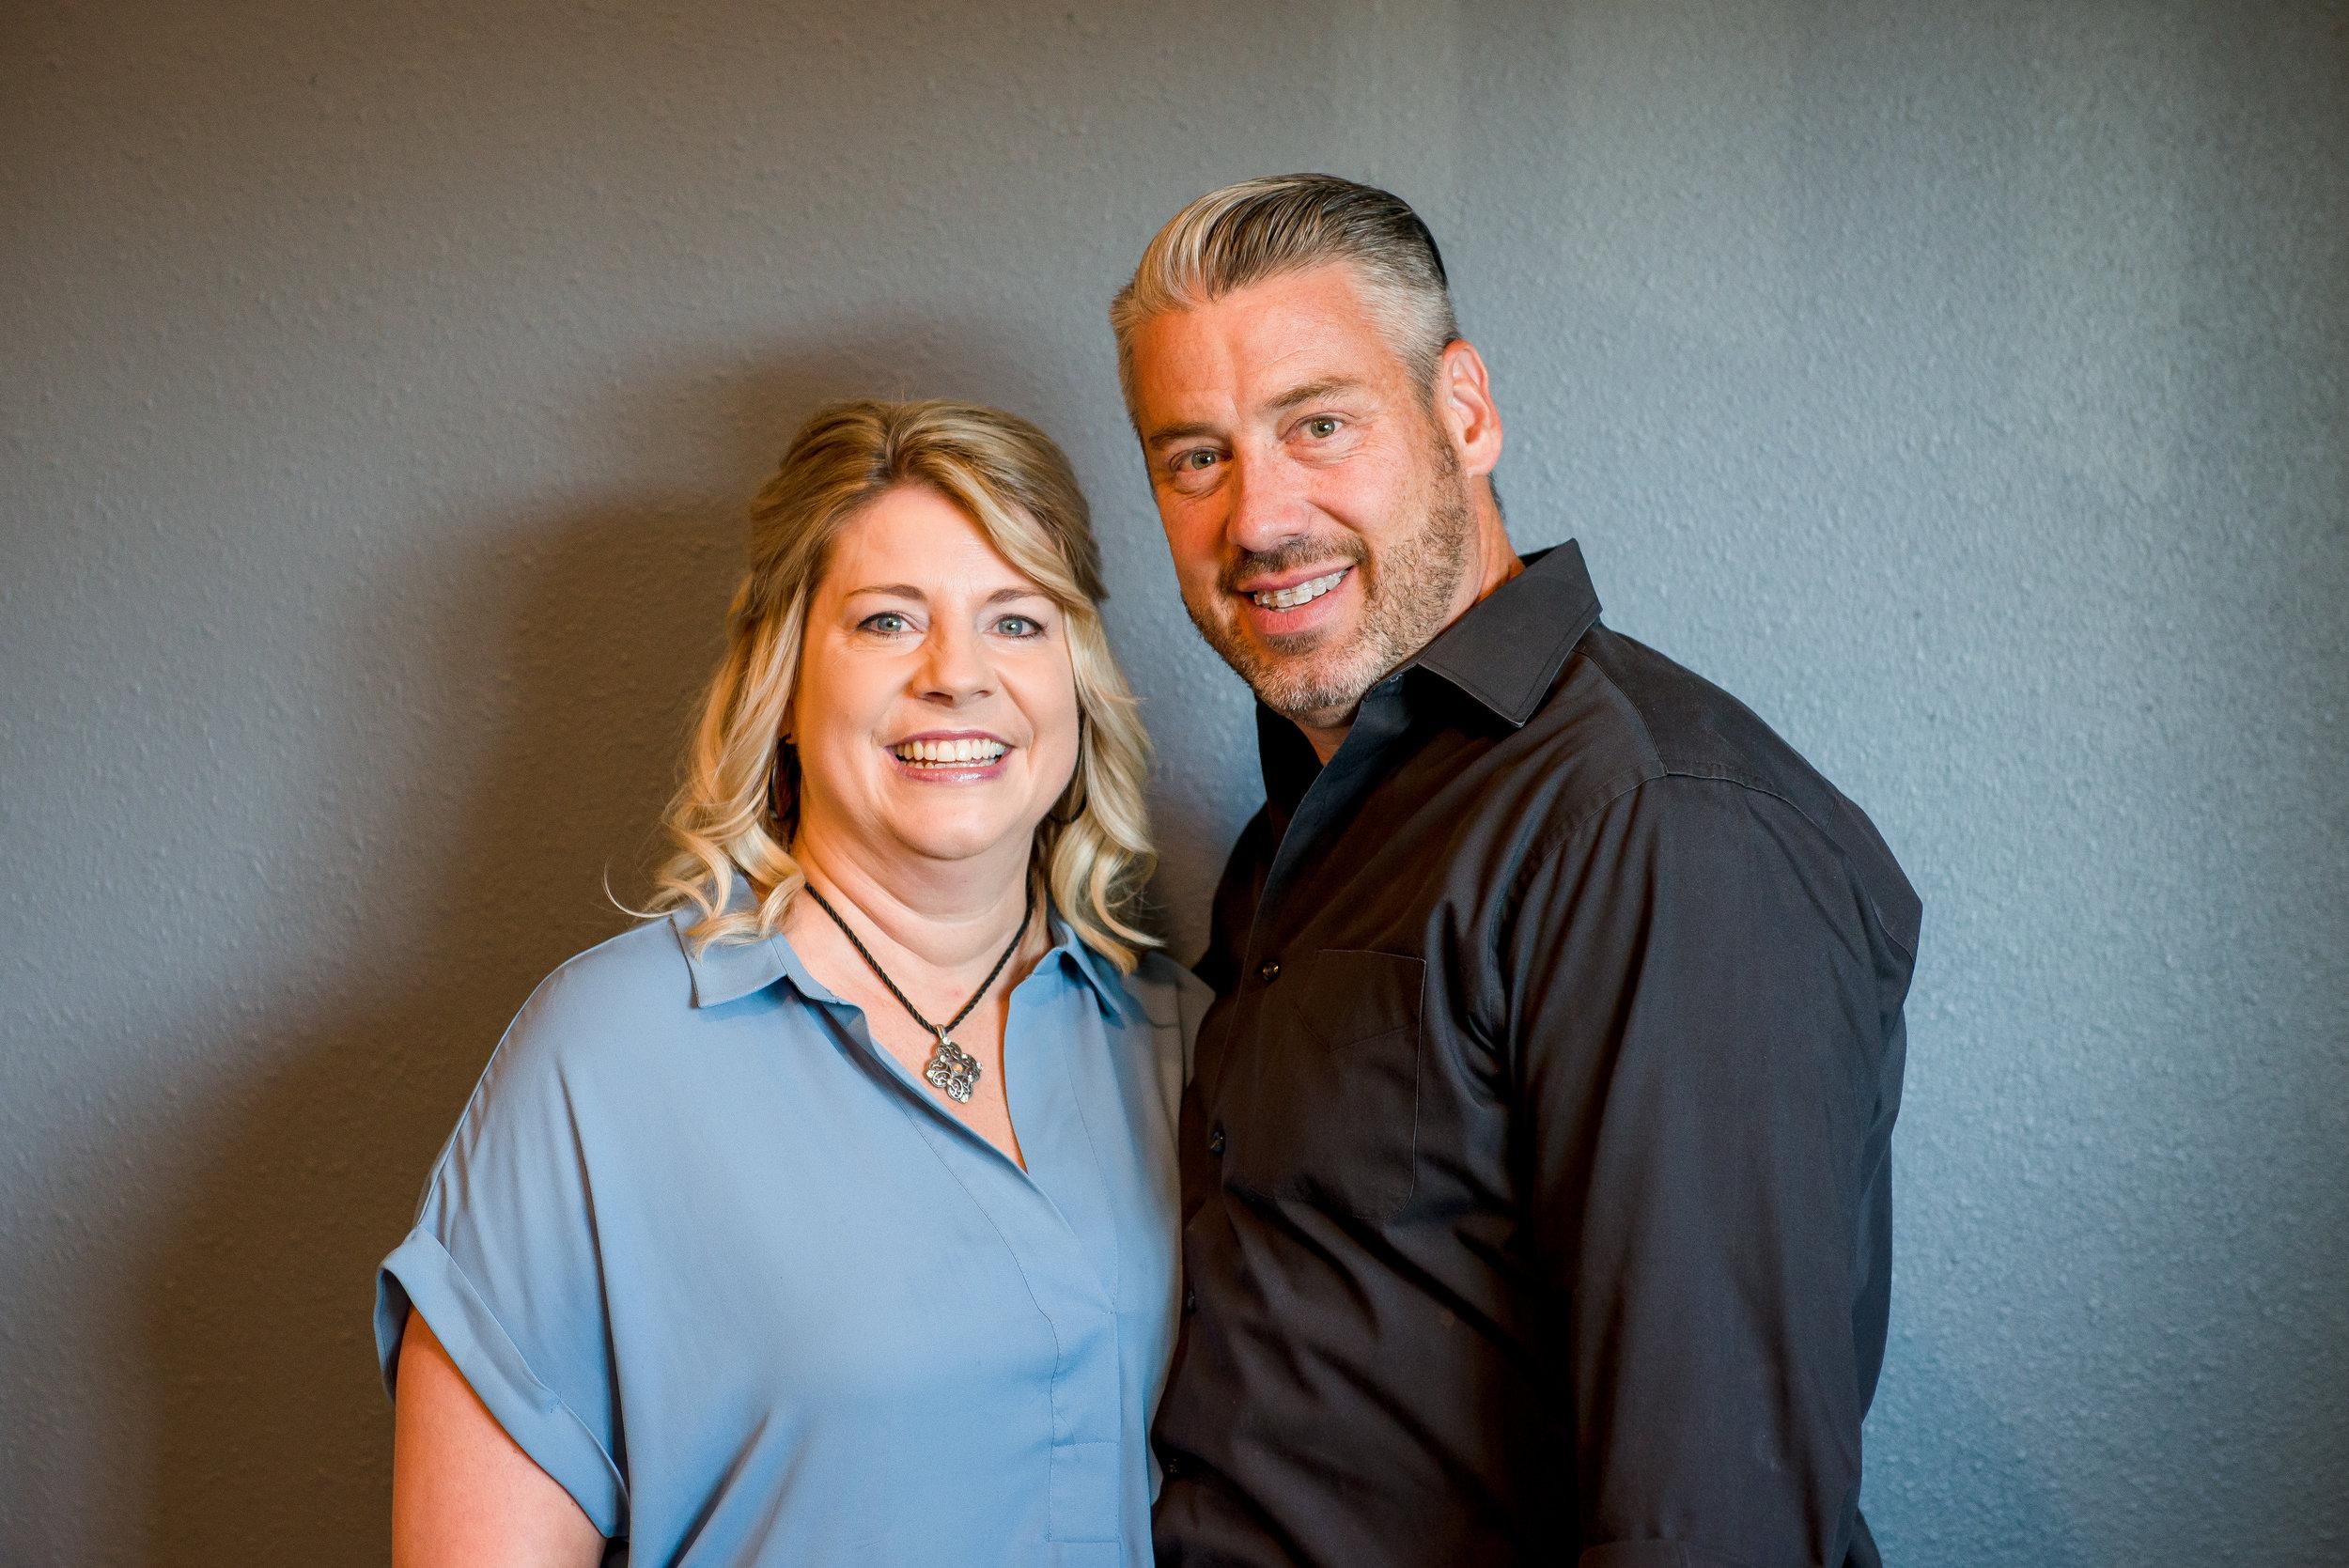 Greg & Stacey Schaub